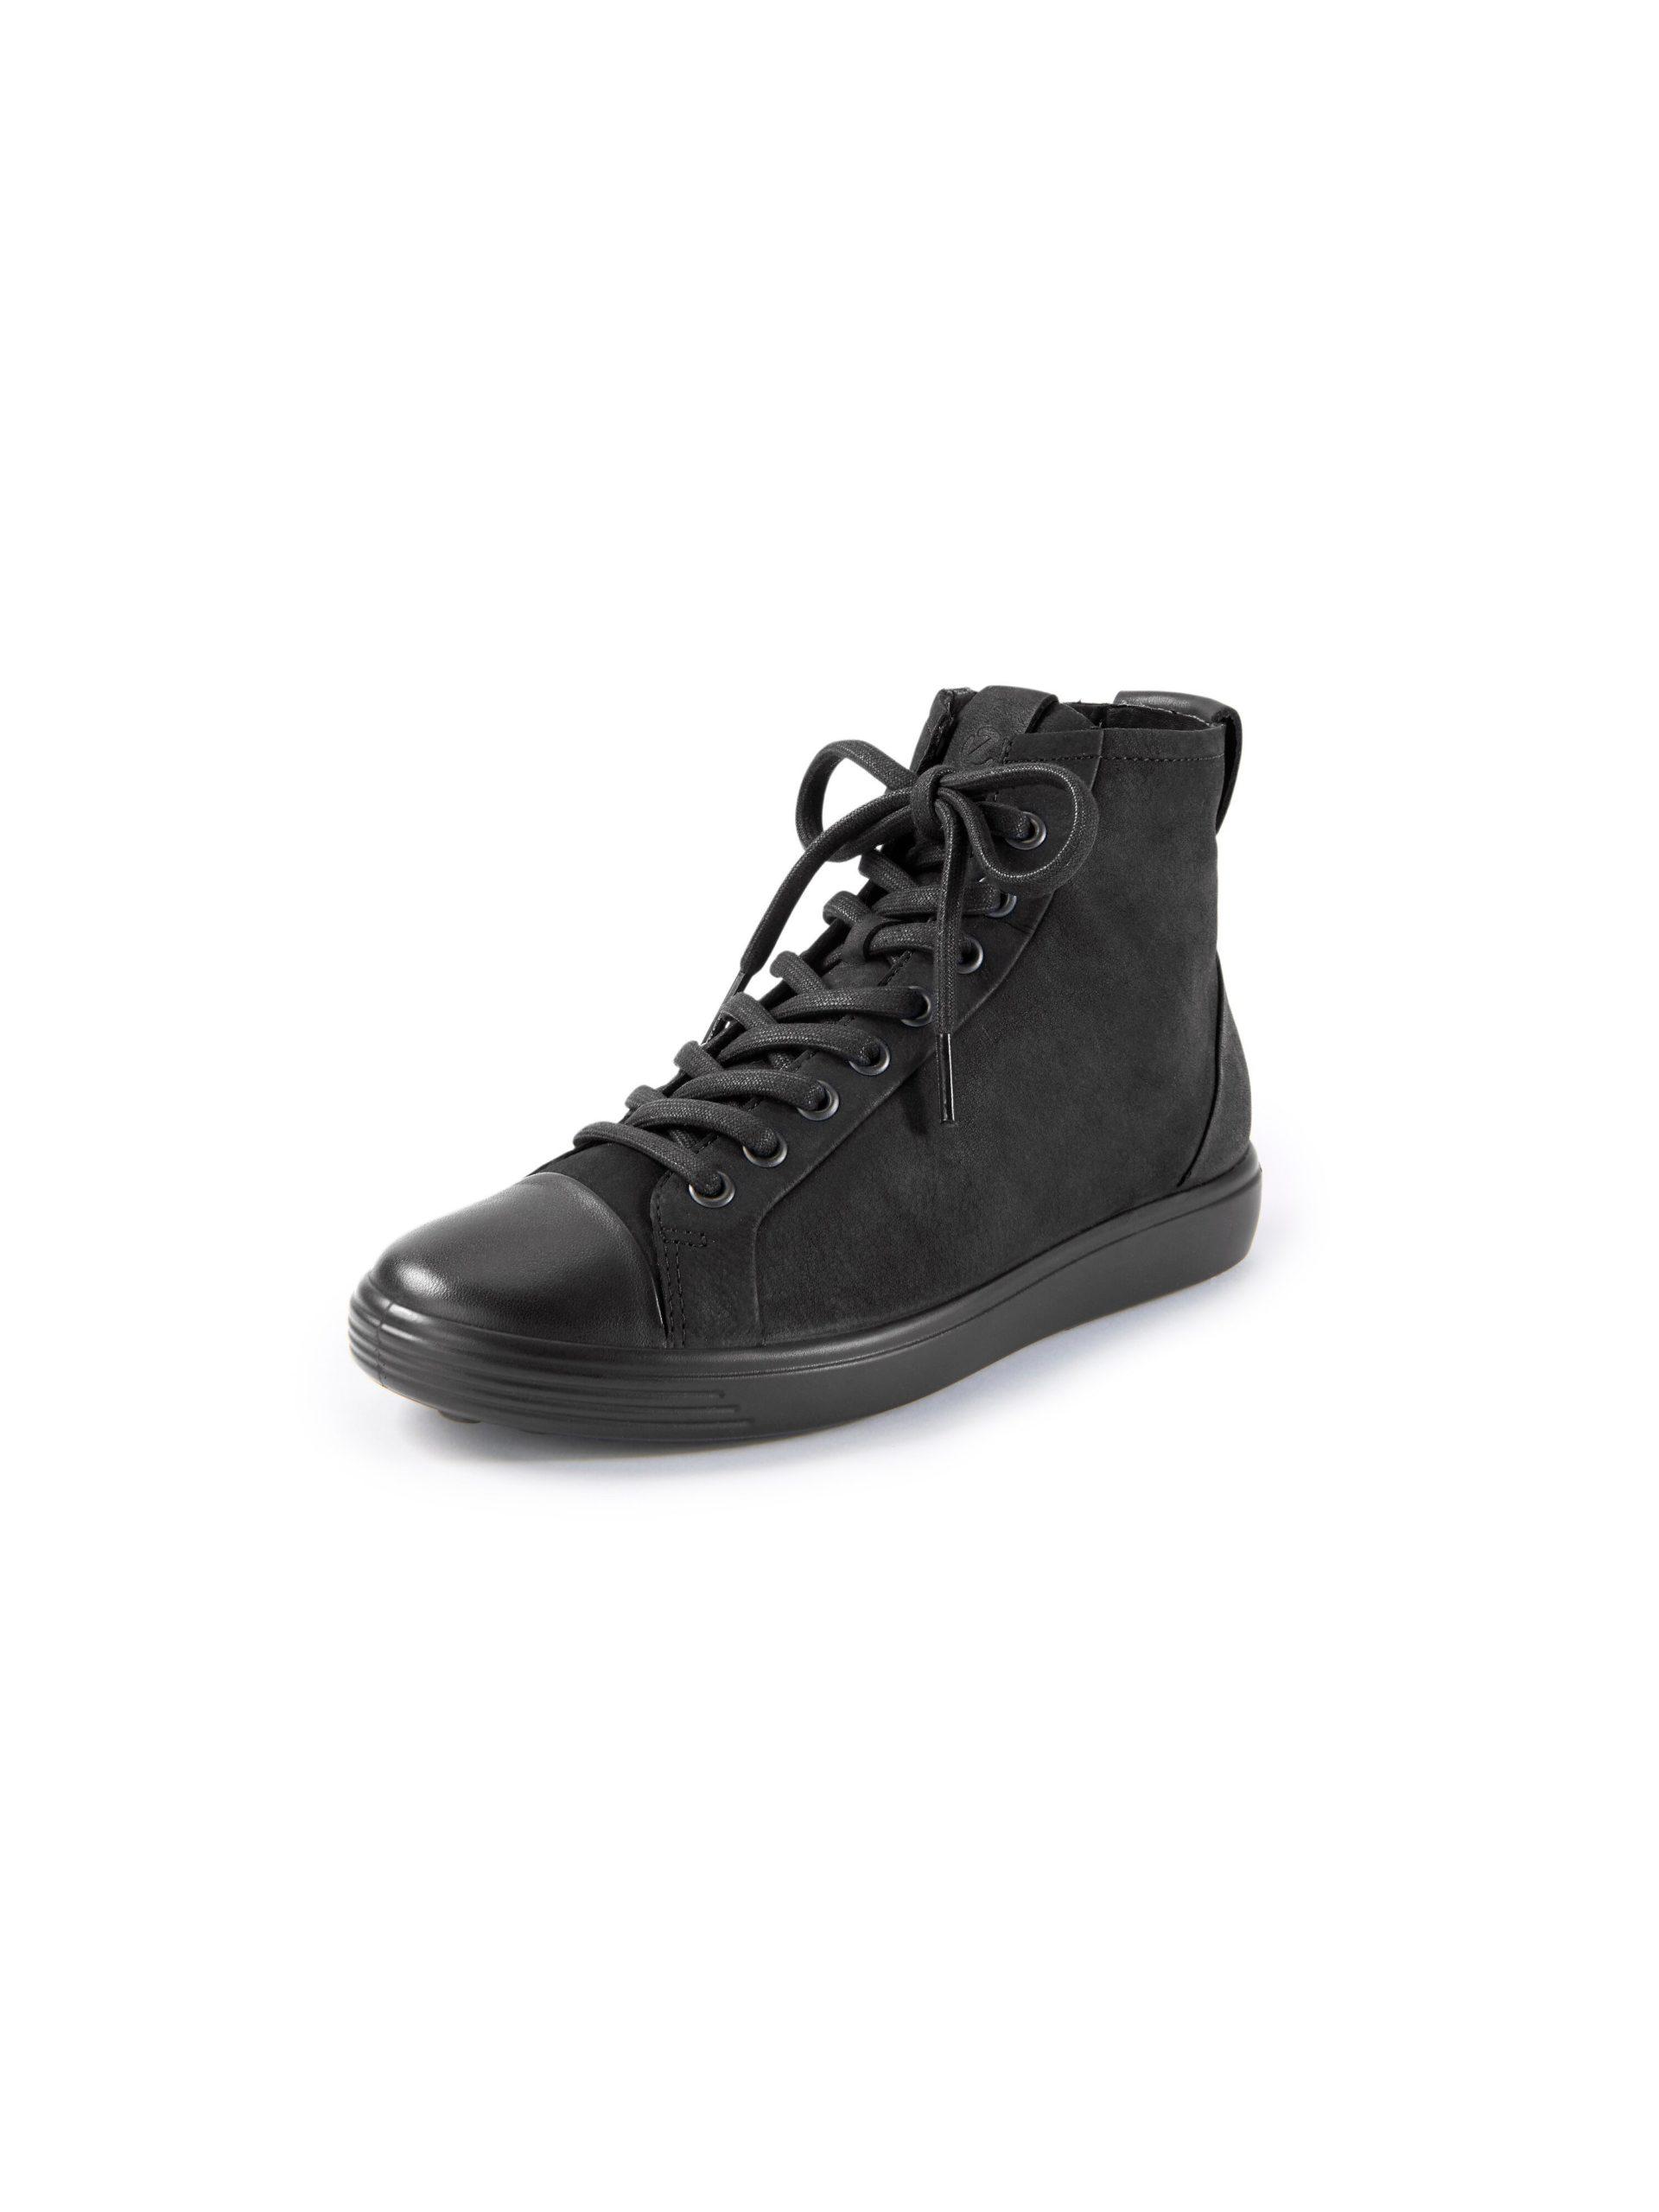 Sneakers model Soft 7 Van Ecco zwart Kopen